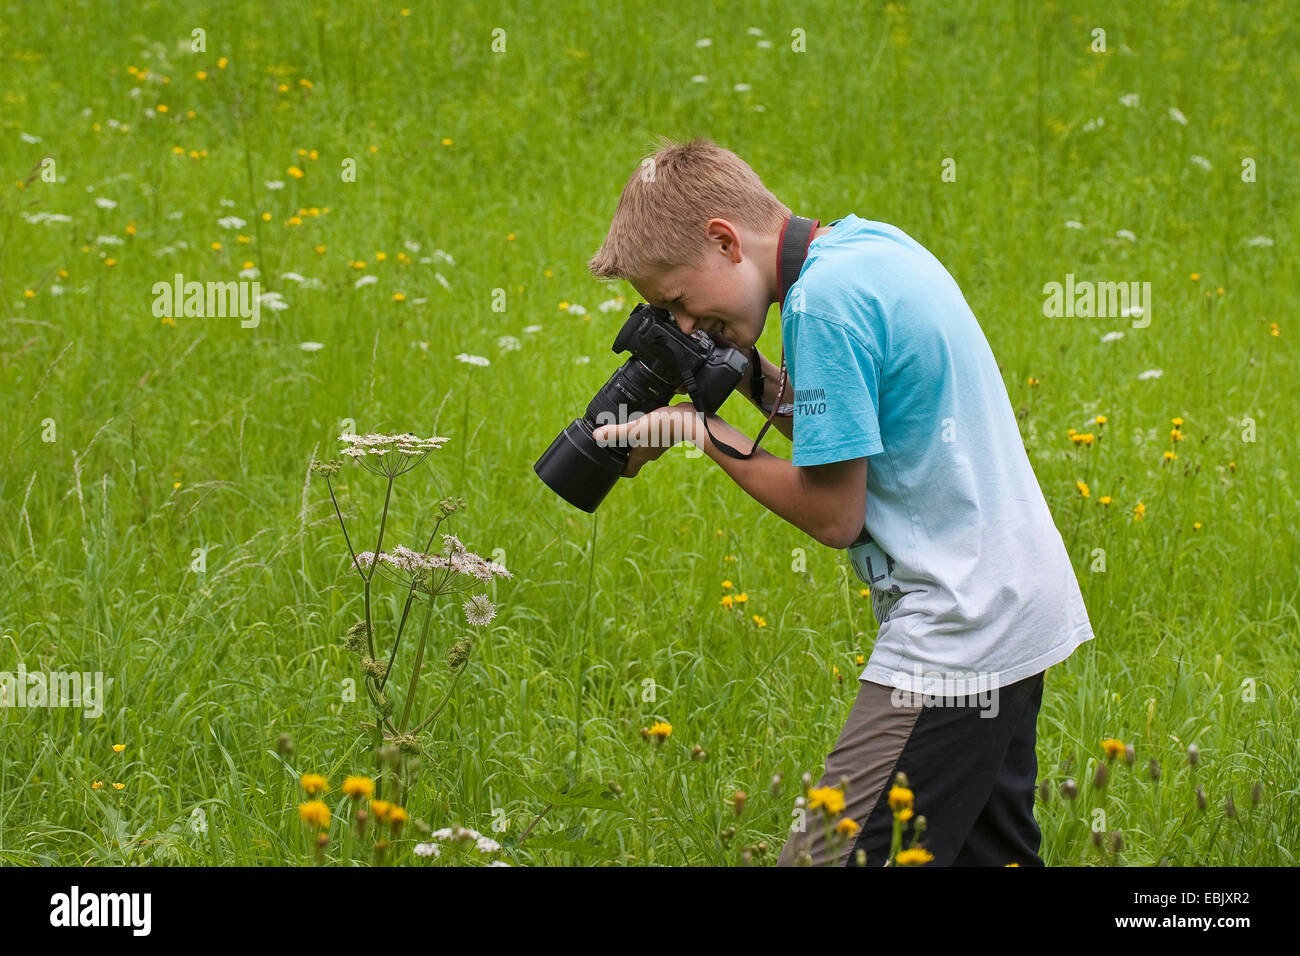 Garçon des photographies en pleine nature, Allemagne Photo Stock